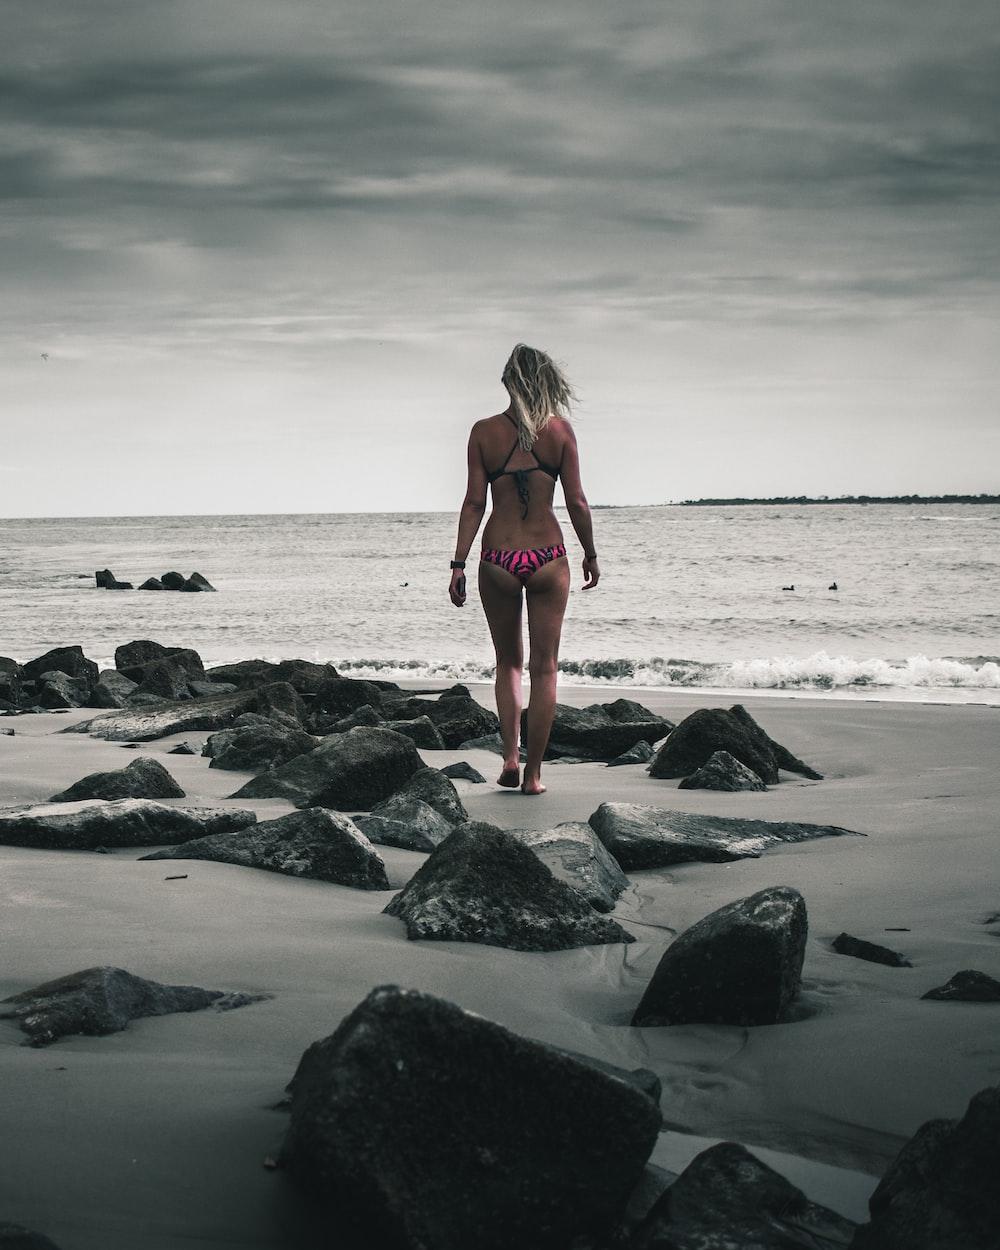 woman in pink bikini standing in rocky beach